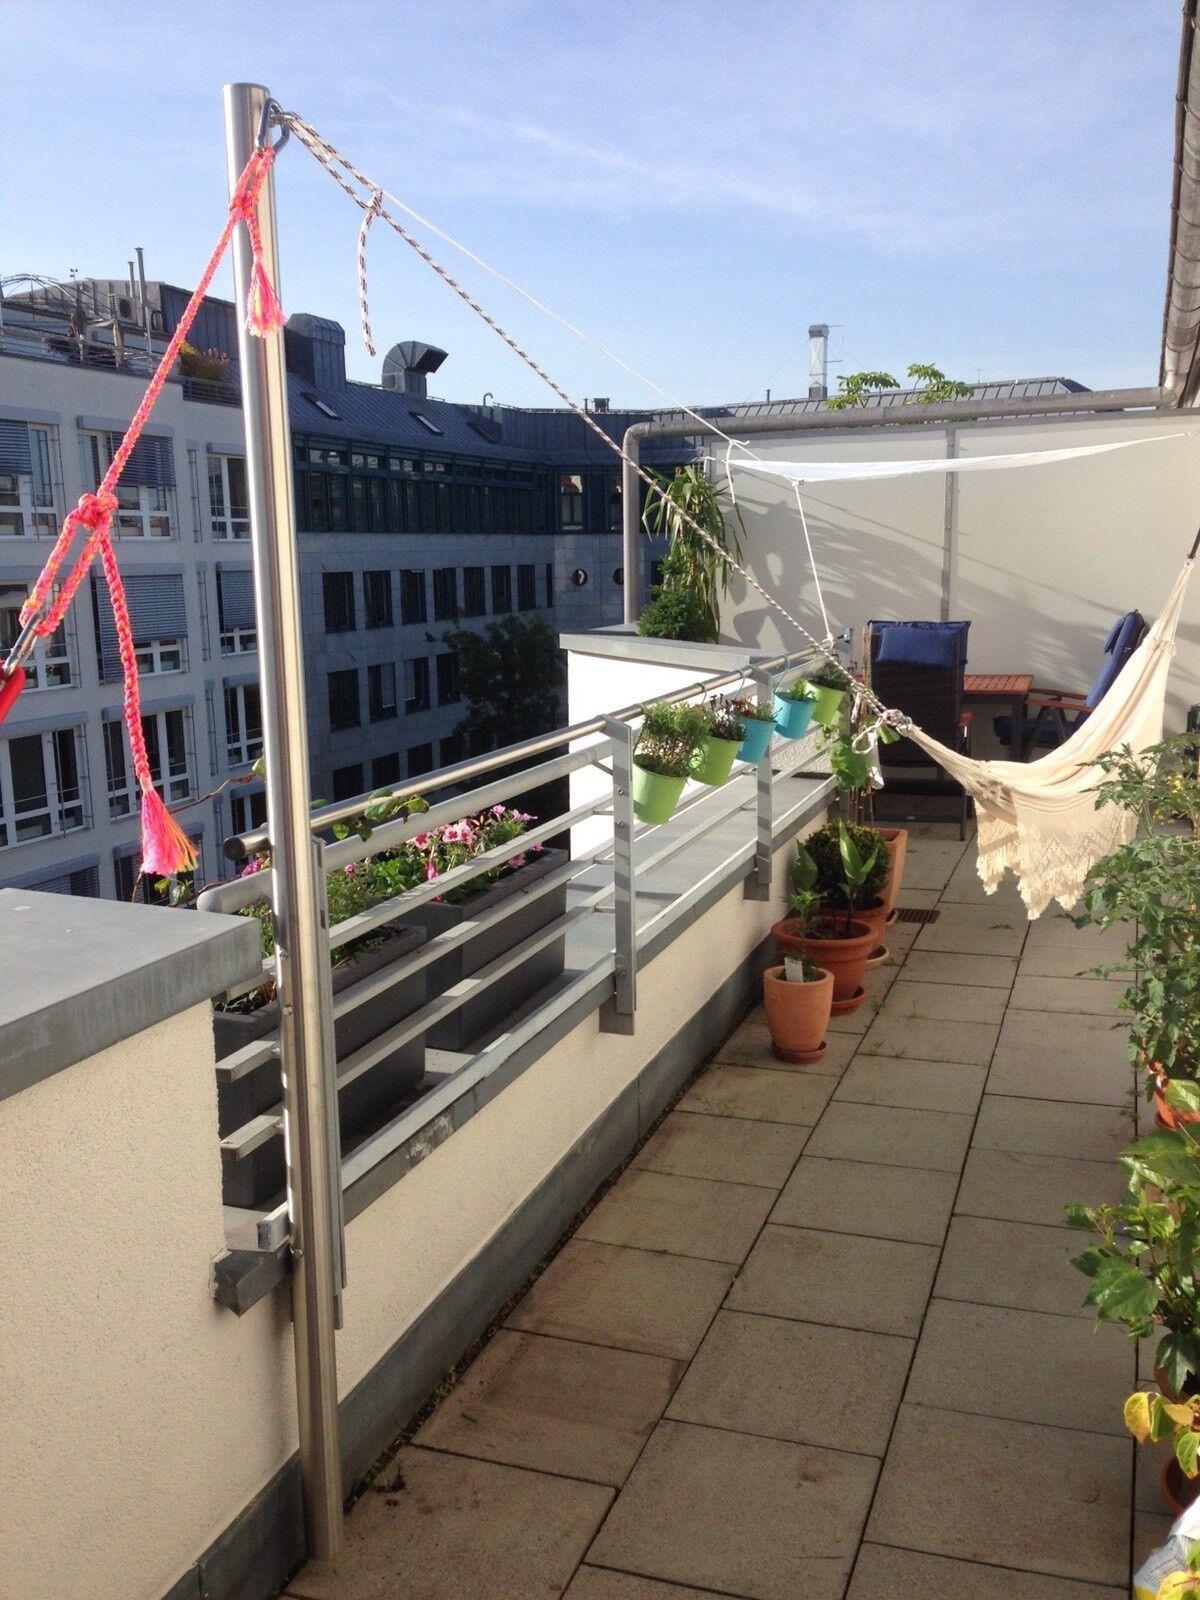 Hängemattengestell Mast Edelstahl Edelstahl Edelstahl Mast 42 mm  150 cm | Verkauf  | Erste in seiner Klasse  66a81b